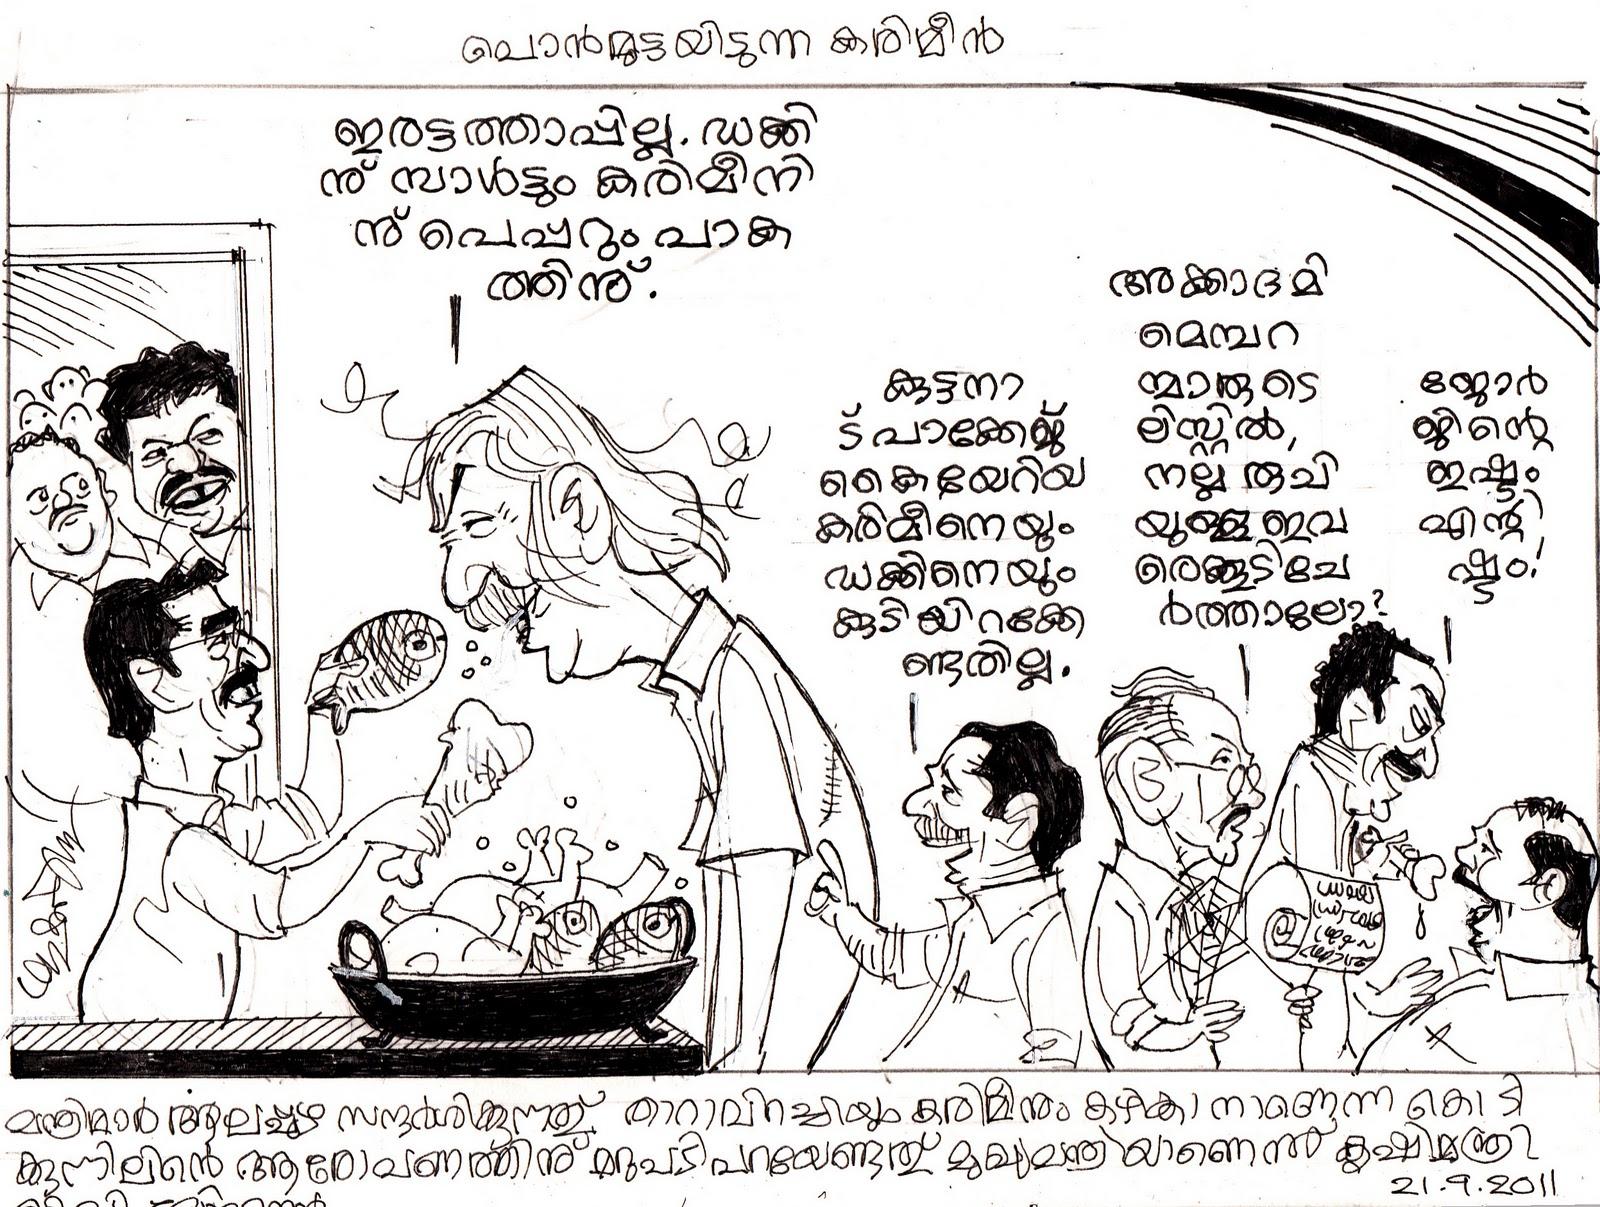 60b8051daaaa40 A Blog for Cartoonist Yesudasan  09 01 2011 - 10 01 2011